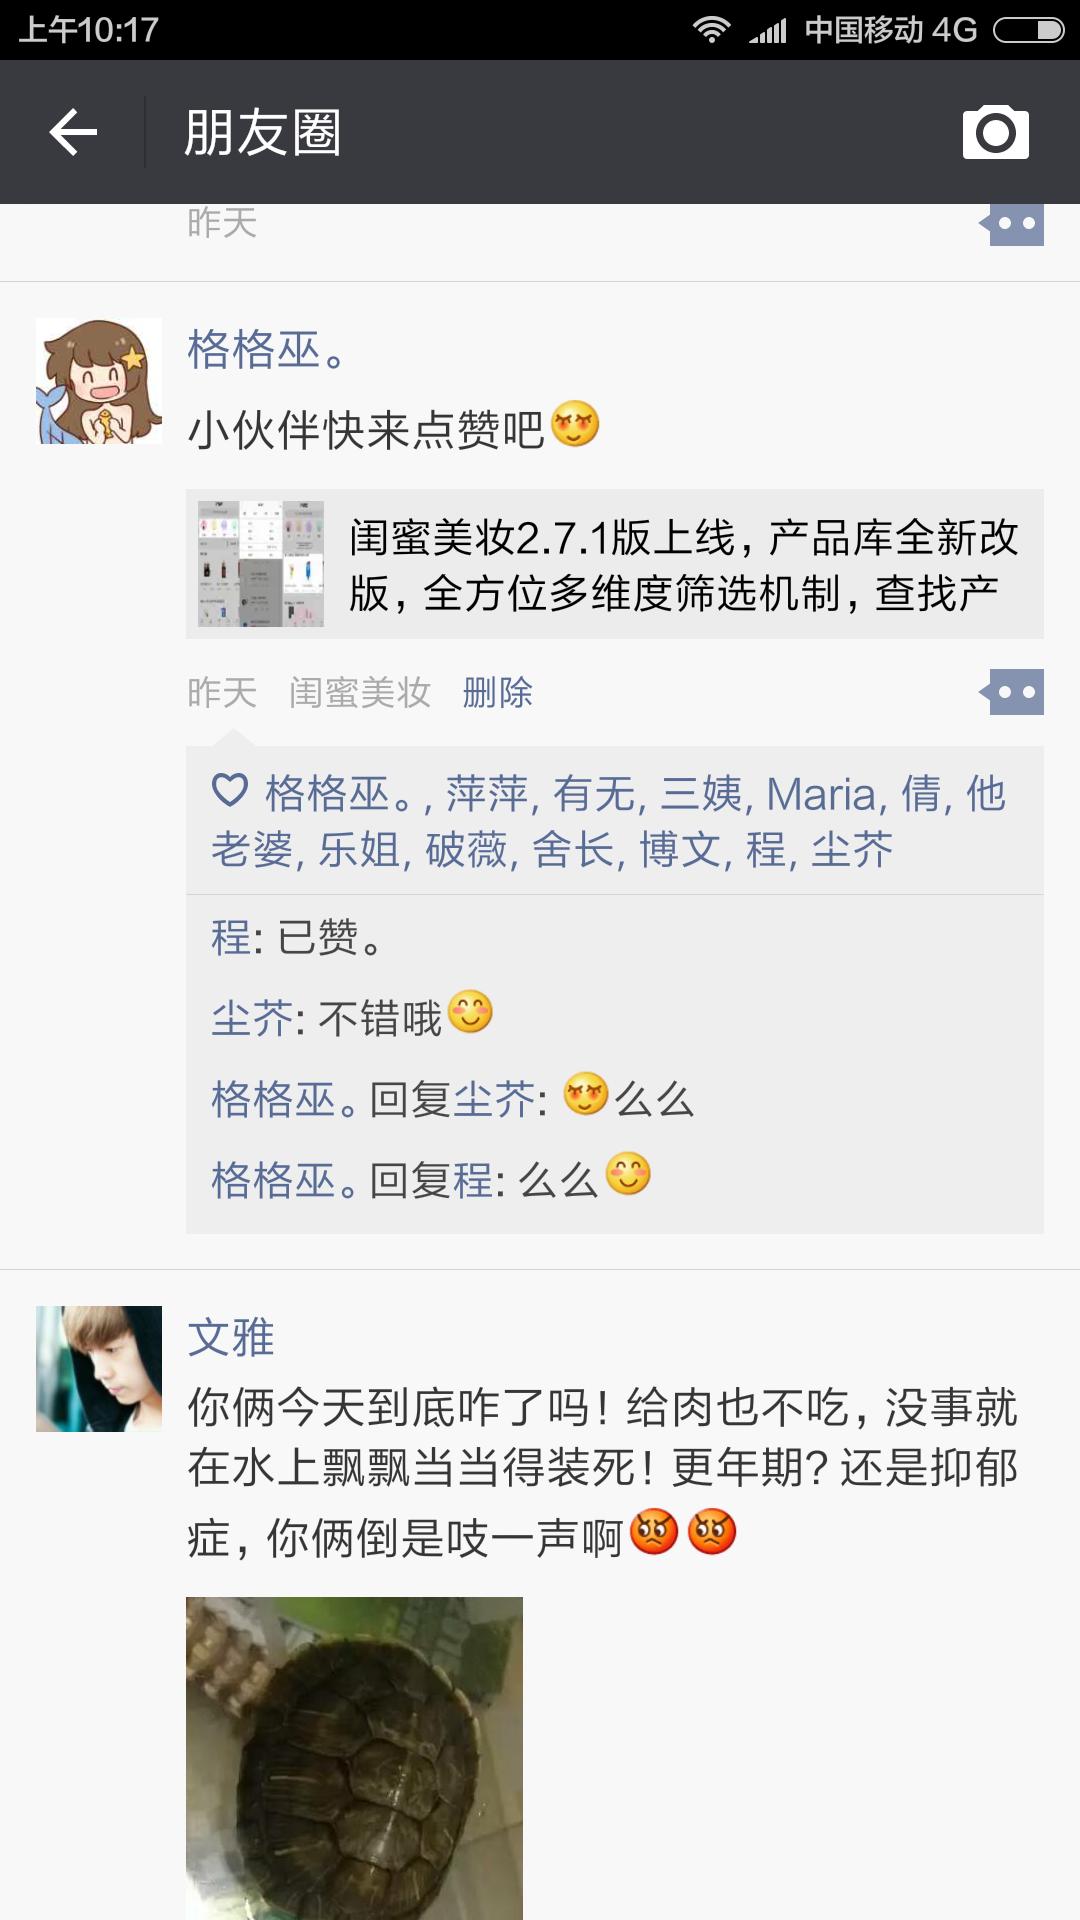 Screenshot_2016-03-16-10-17-05_com.tencent.mm.png